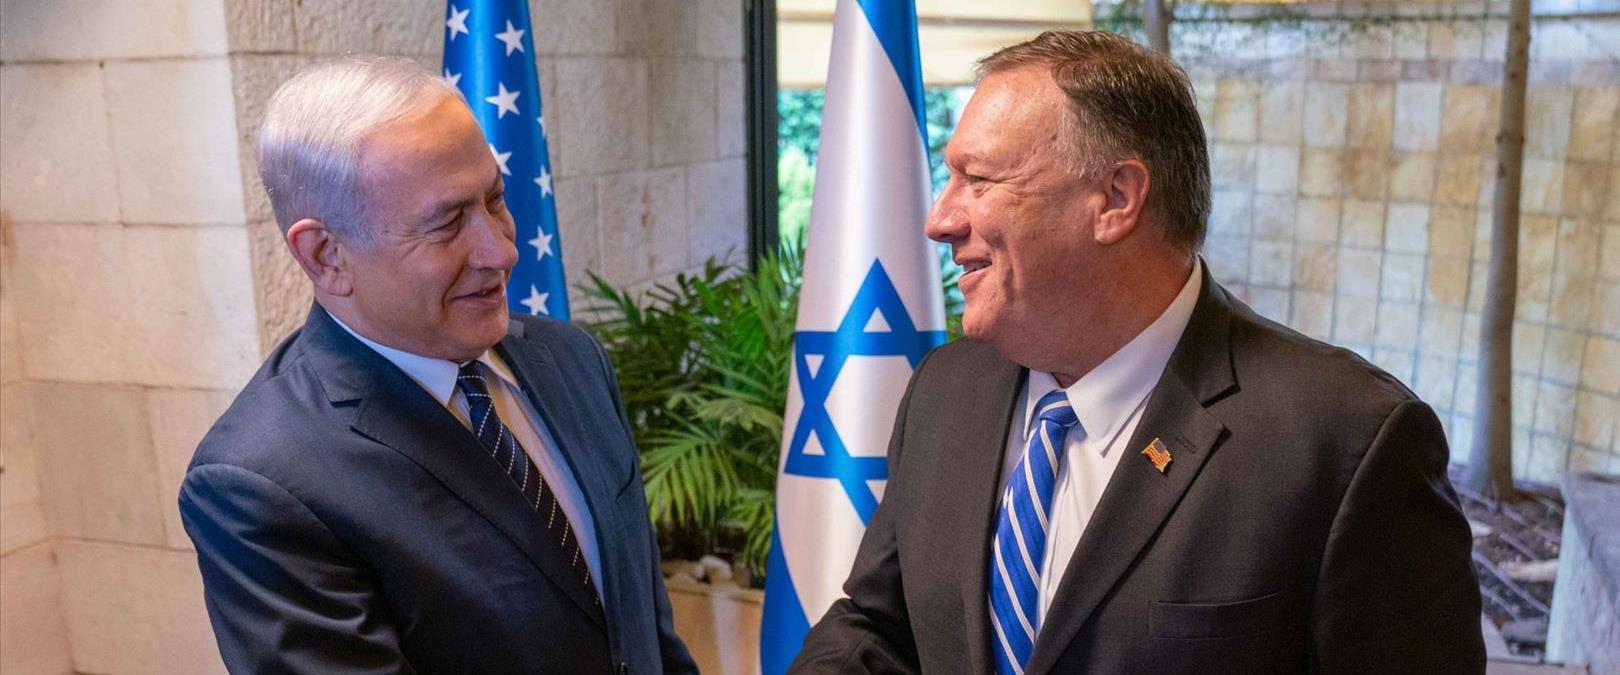 פגישת שר החוץ האמריקני מייק פומפאו עם ראש הממשלה נ